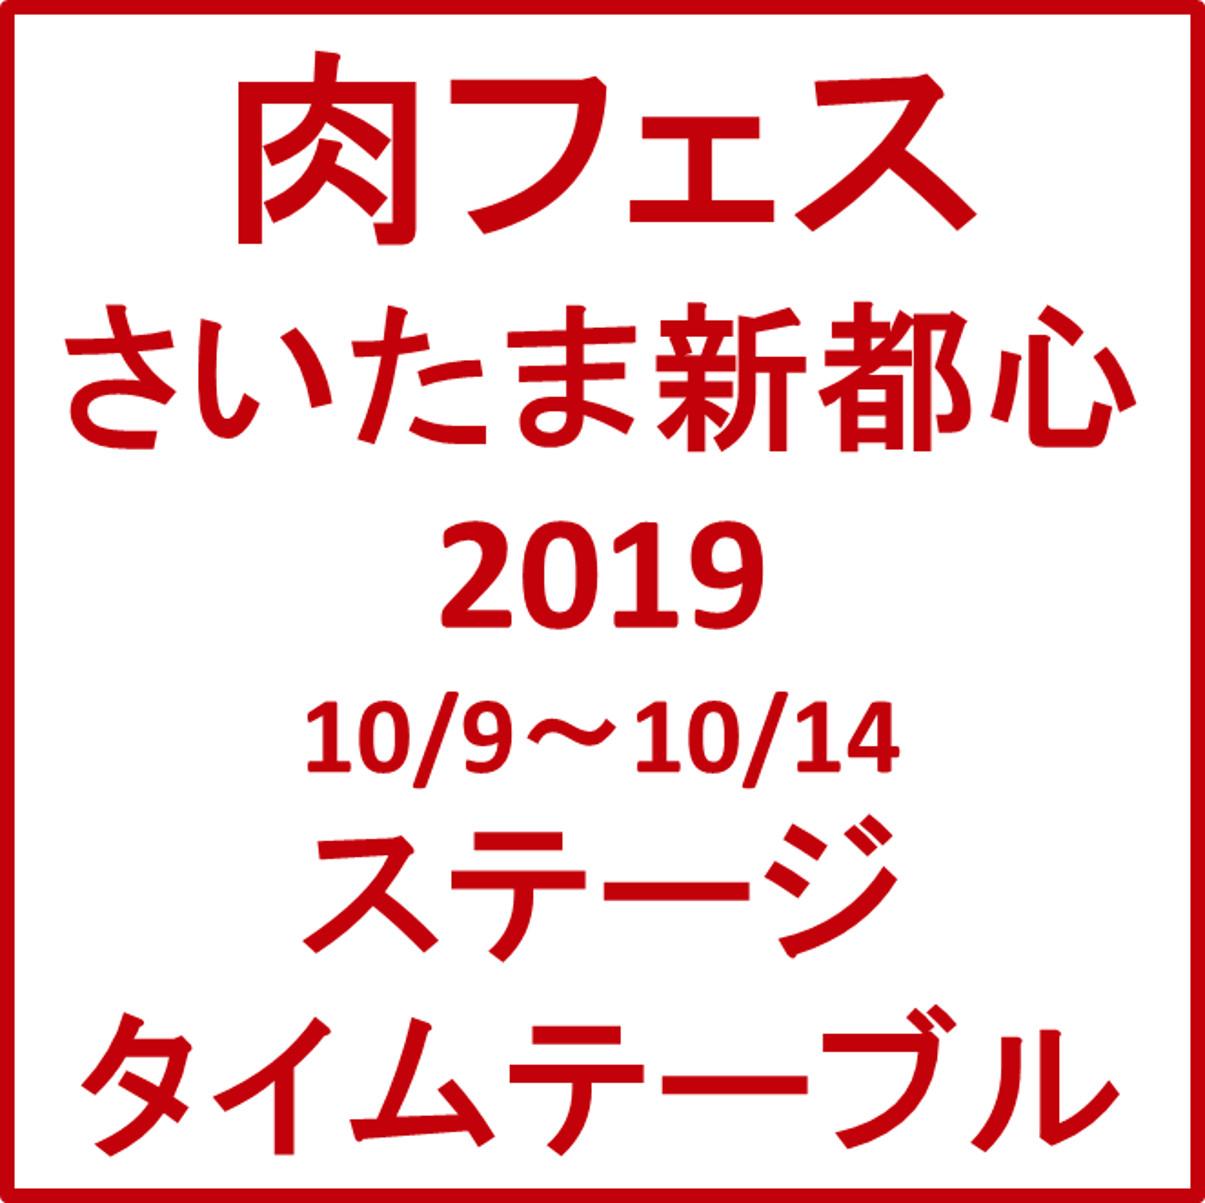 肉フェスさいたま新都心2019ステージタイムテーブルアイキャッチ1205